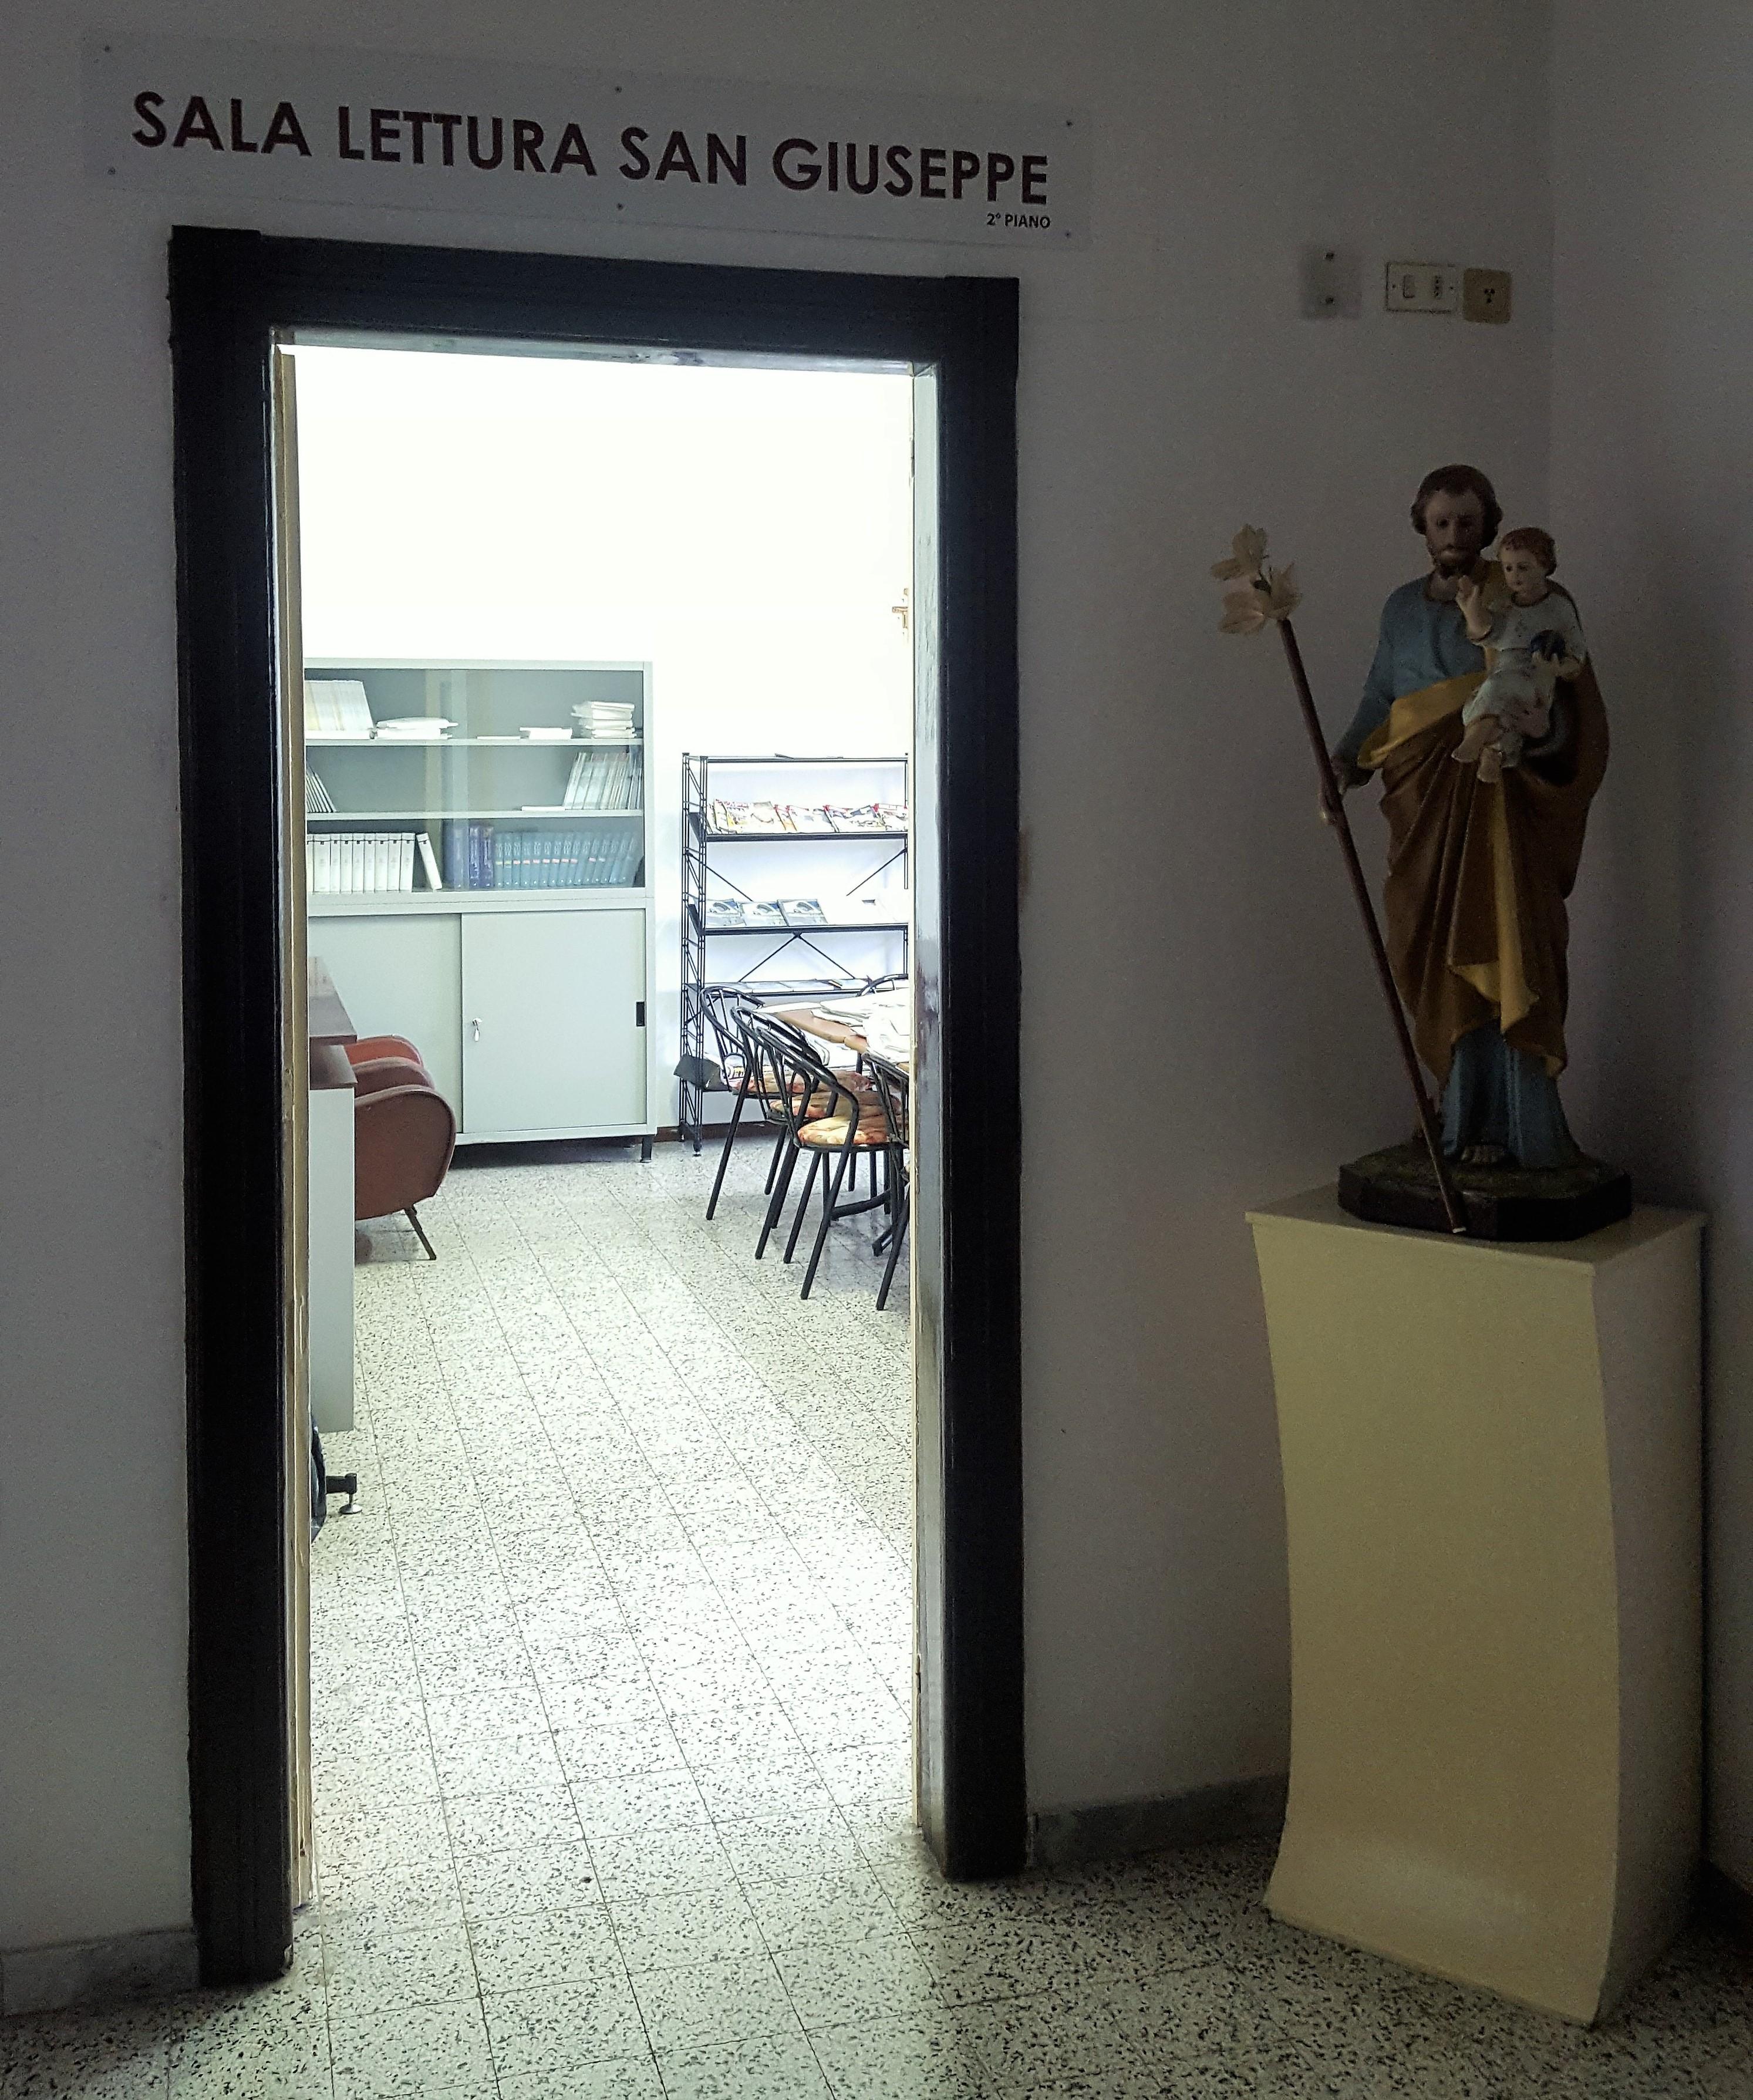 Ingresso Sala Lettura San Giuseppe.jpg